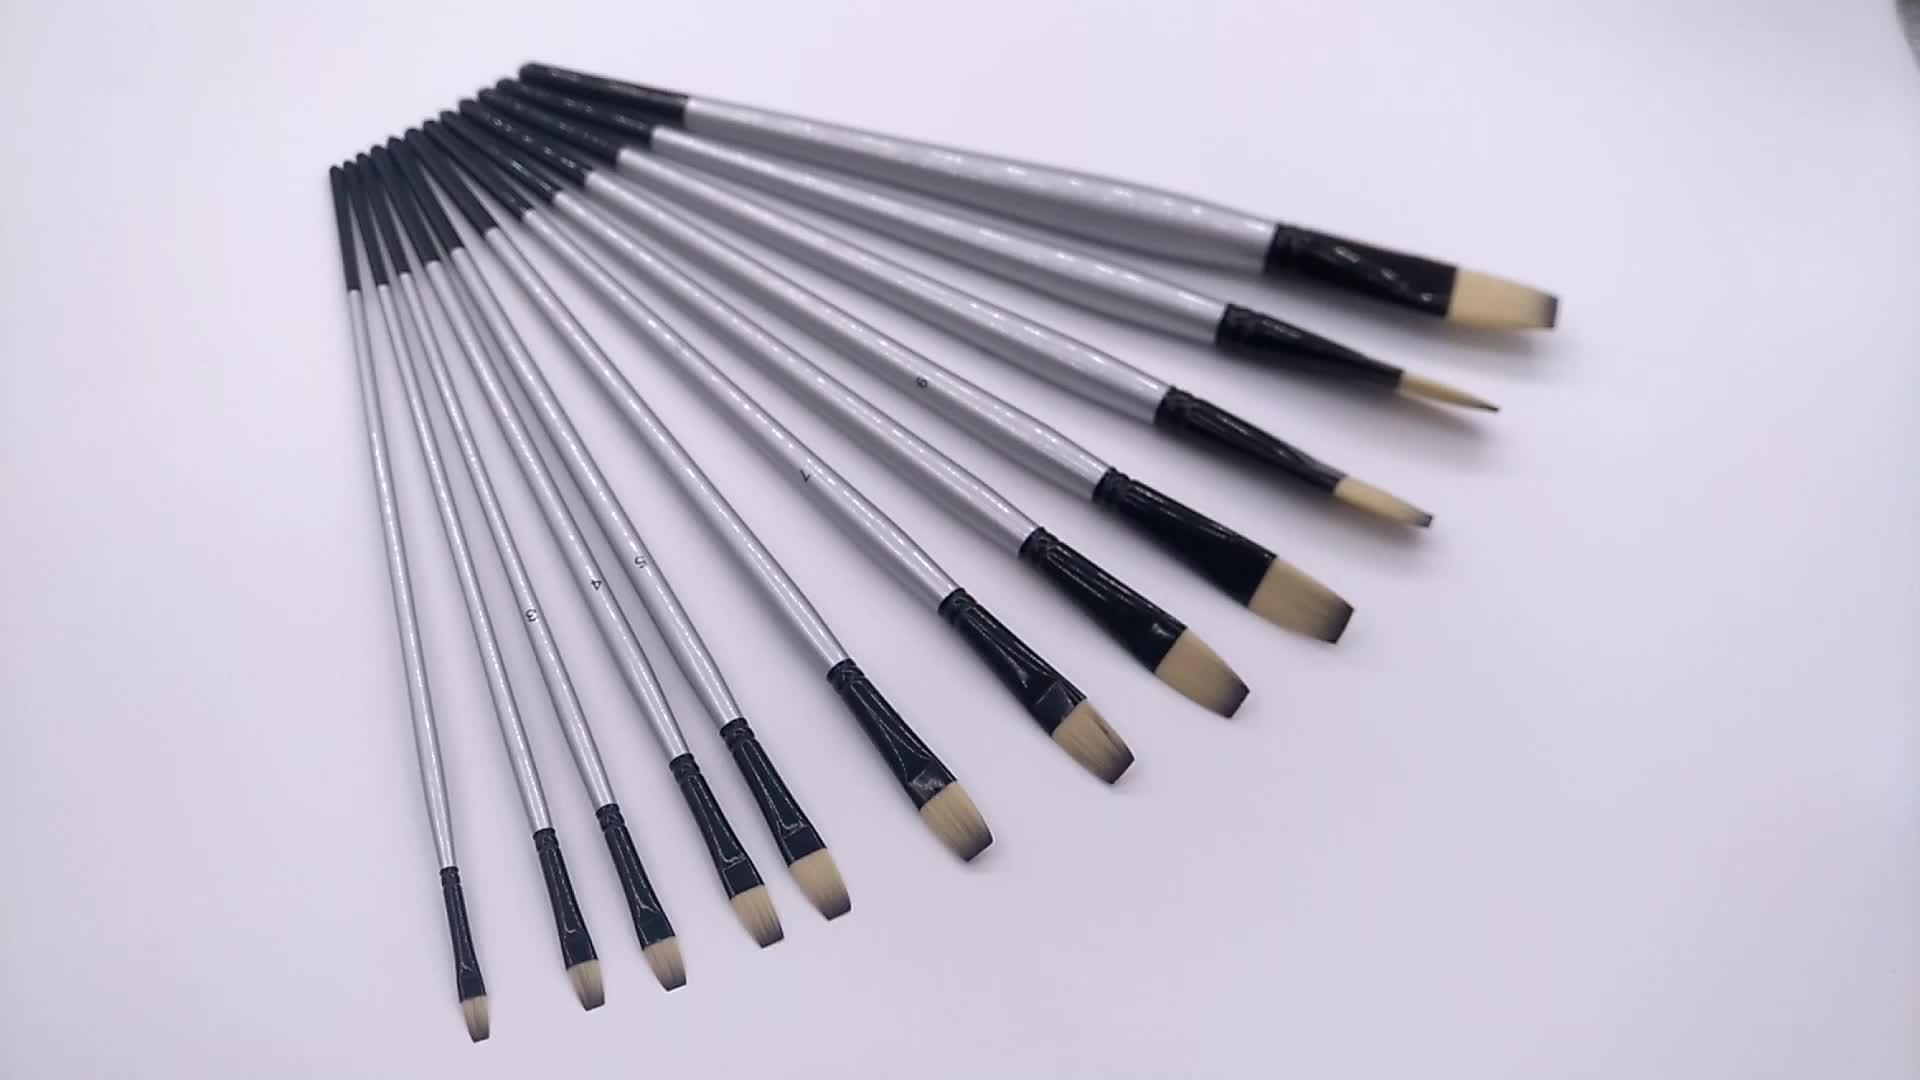 Commercio all'ingrosso artista vernice brush set per la pittura ad acquerello materiali di arte